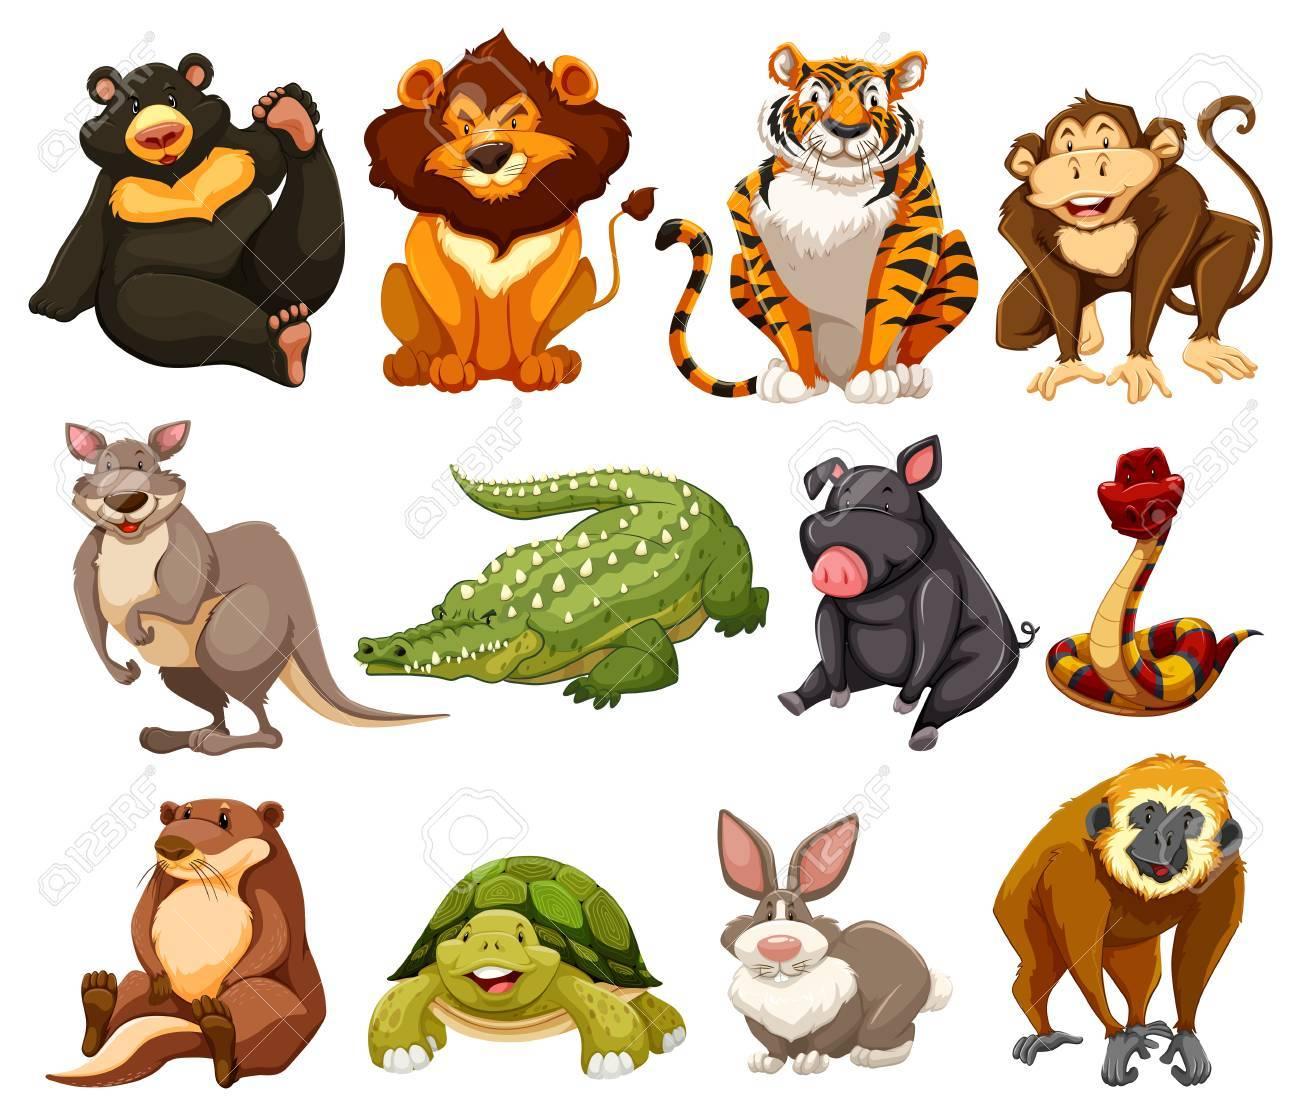 ジャングルの動物のイラストの種類 ロイヤリティフリークリップアート